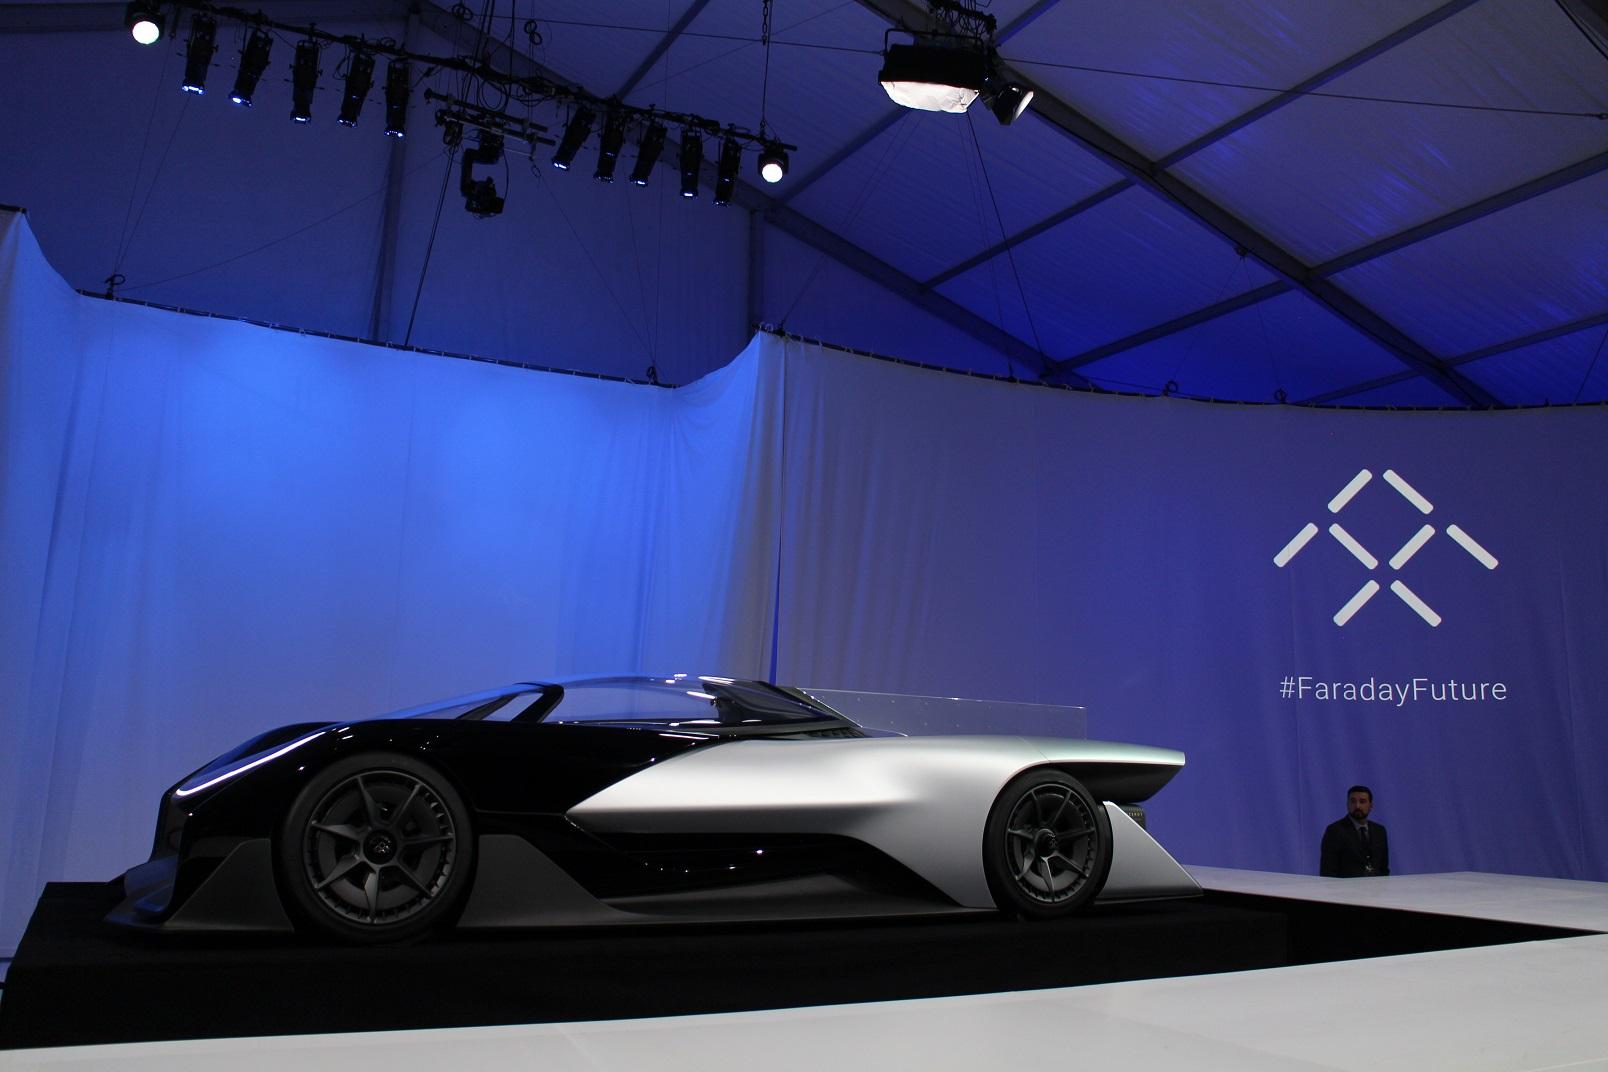 Faraday Future hires ex-Ferrari exec, plans to test cars in Michigan